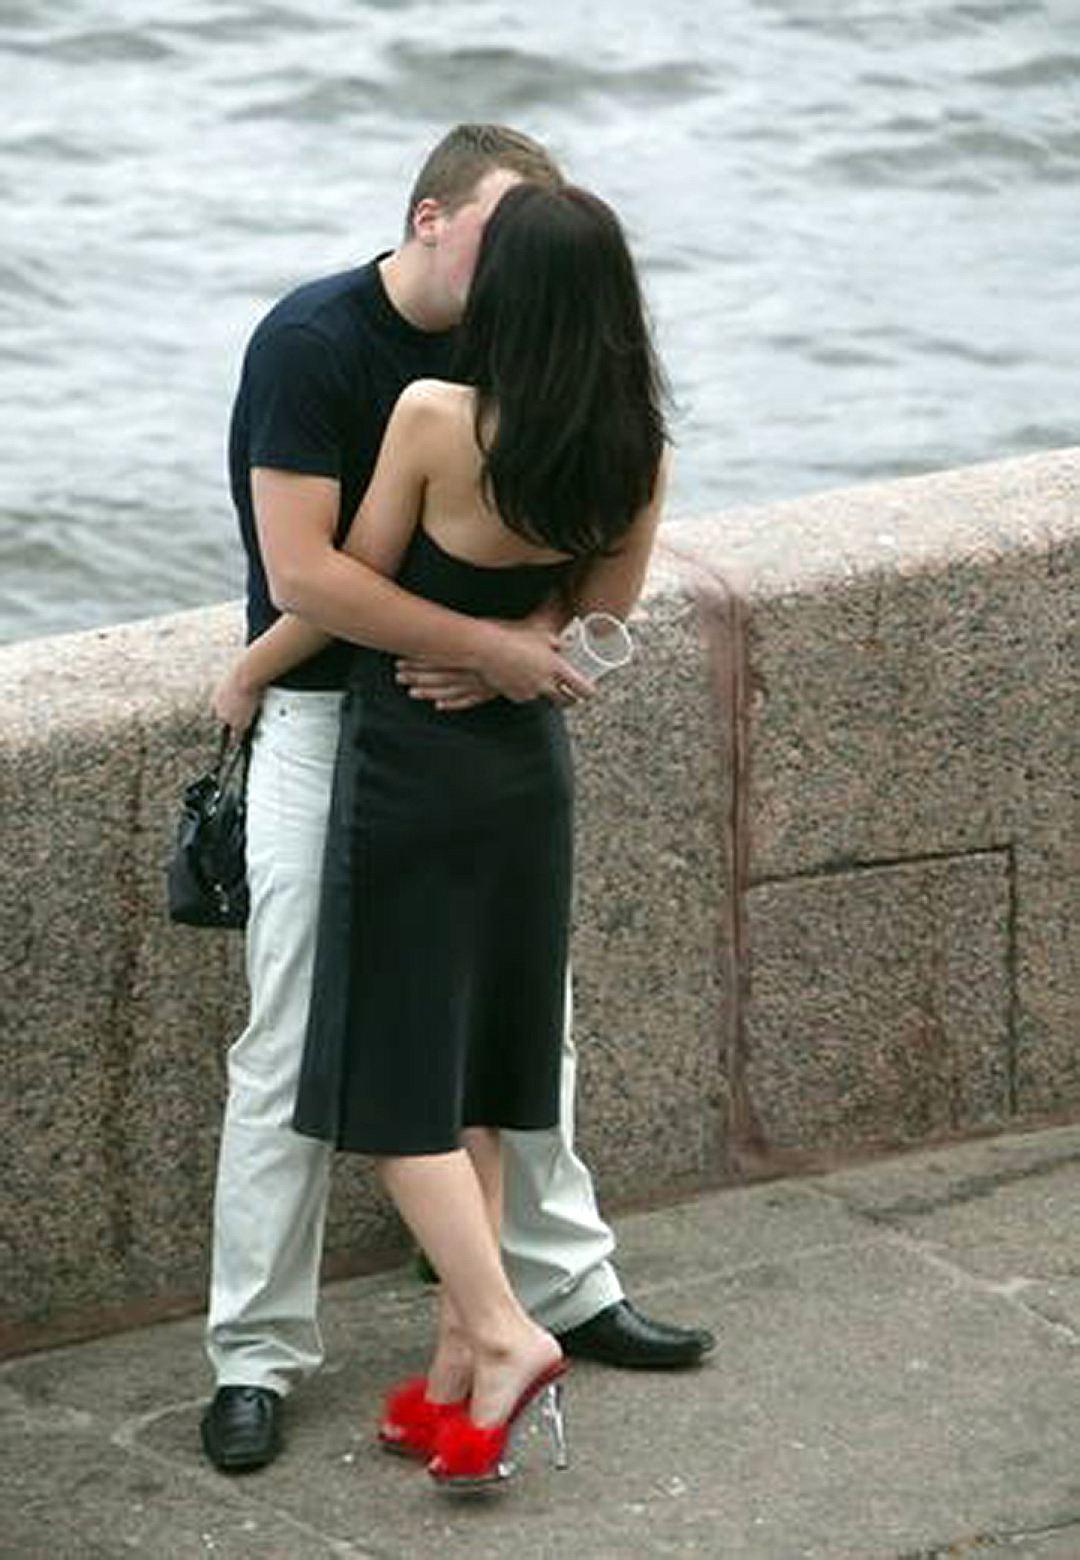 Жену вместе с другом с другом русские, красивое видео мужской член